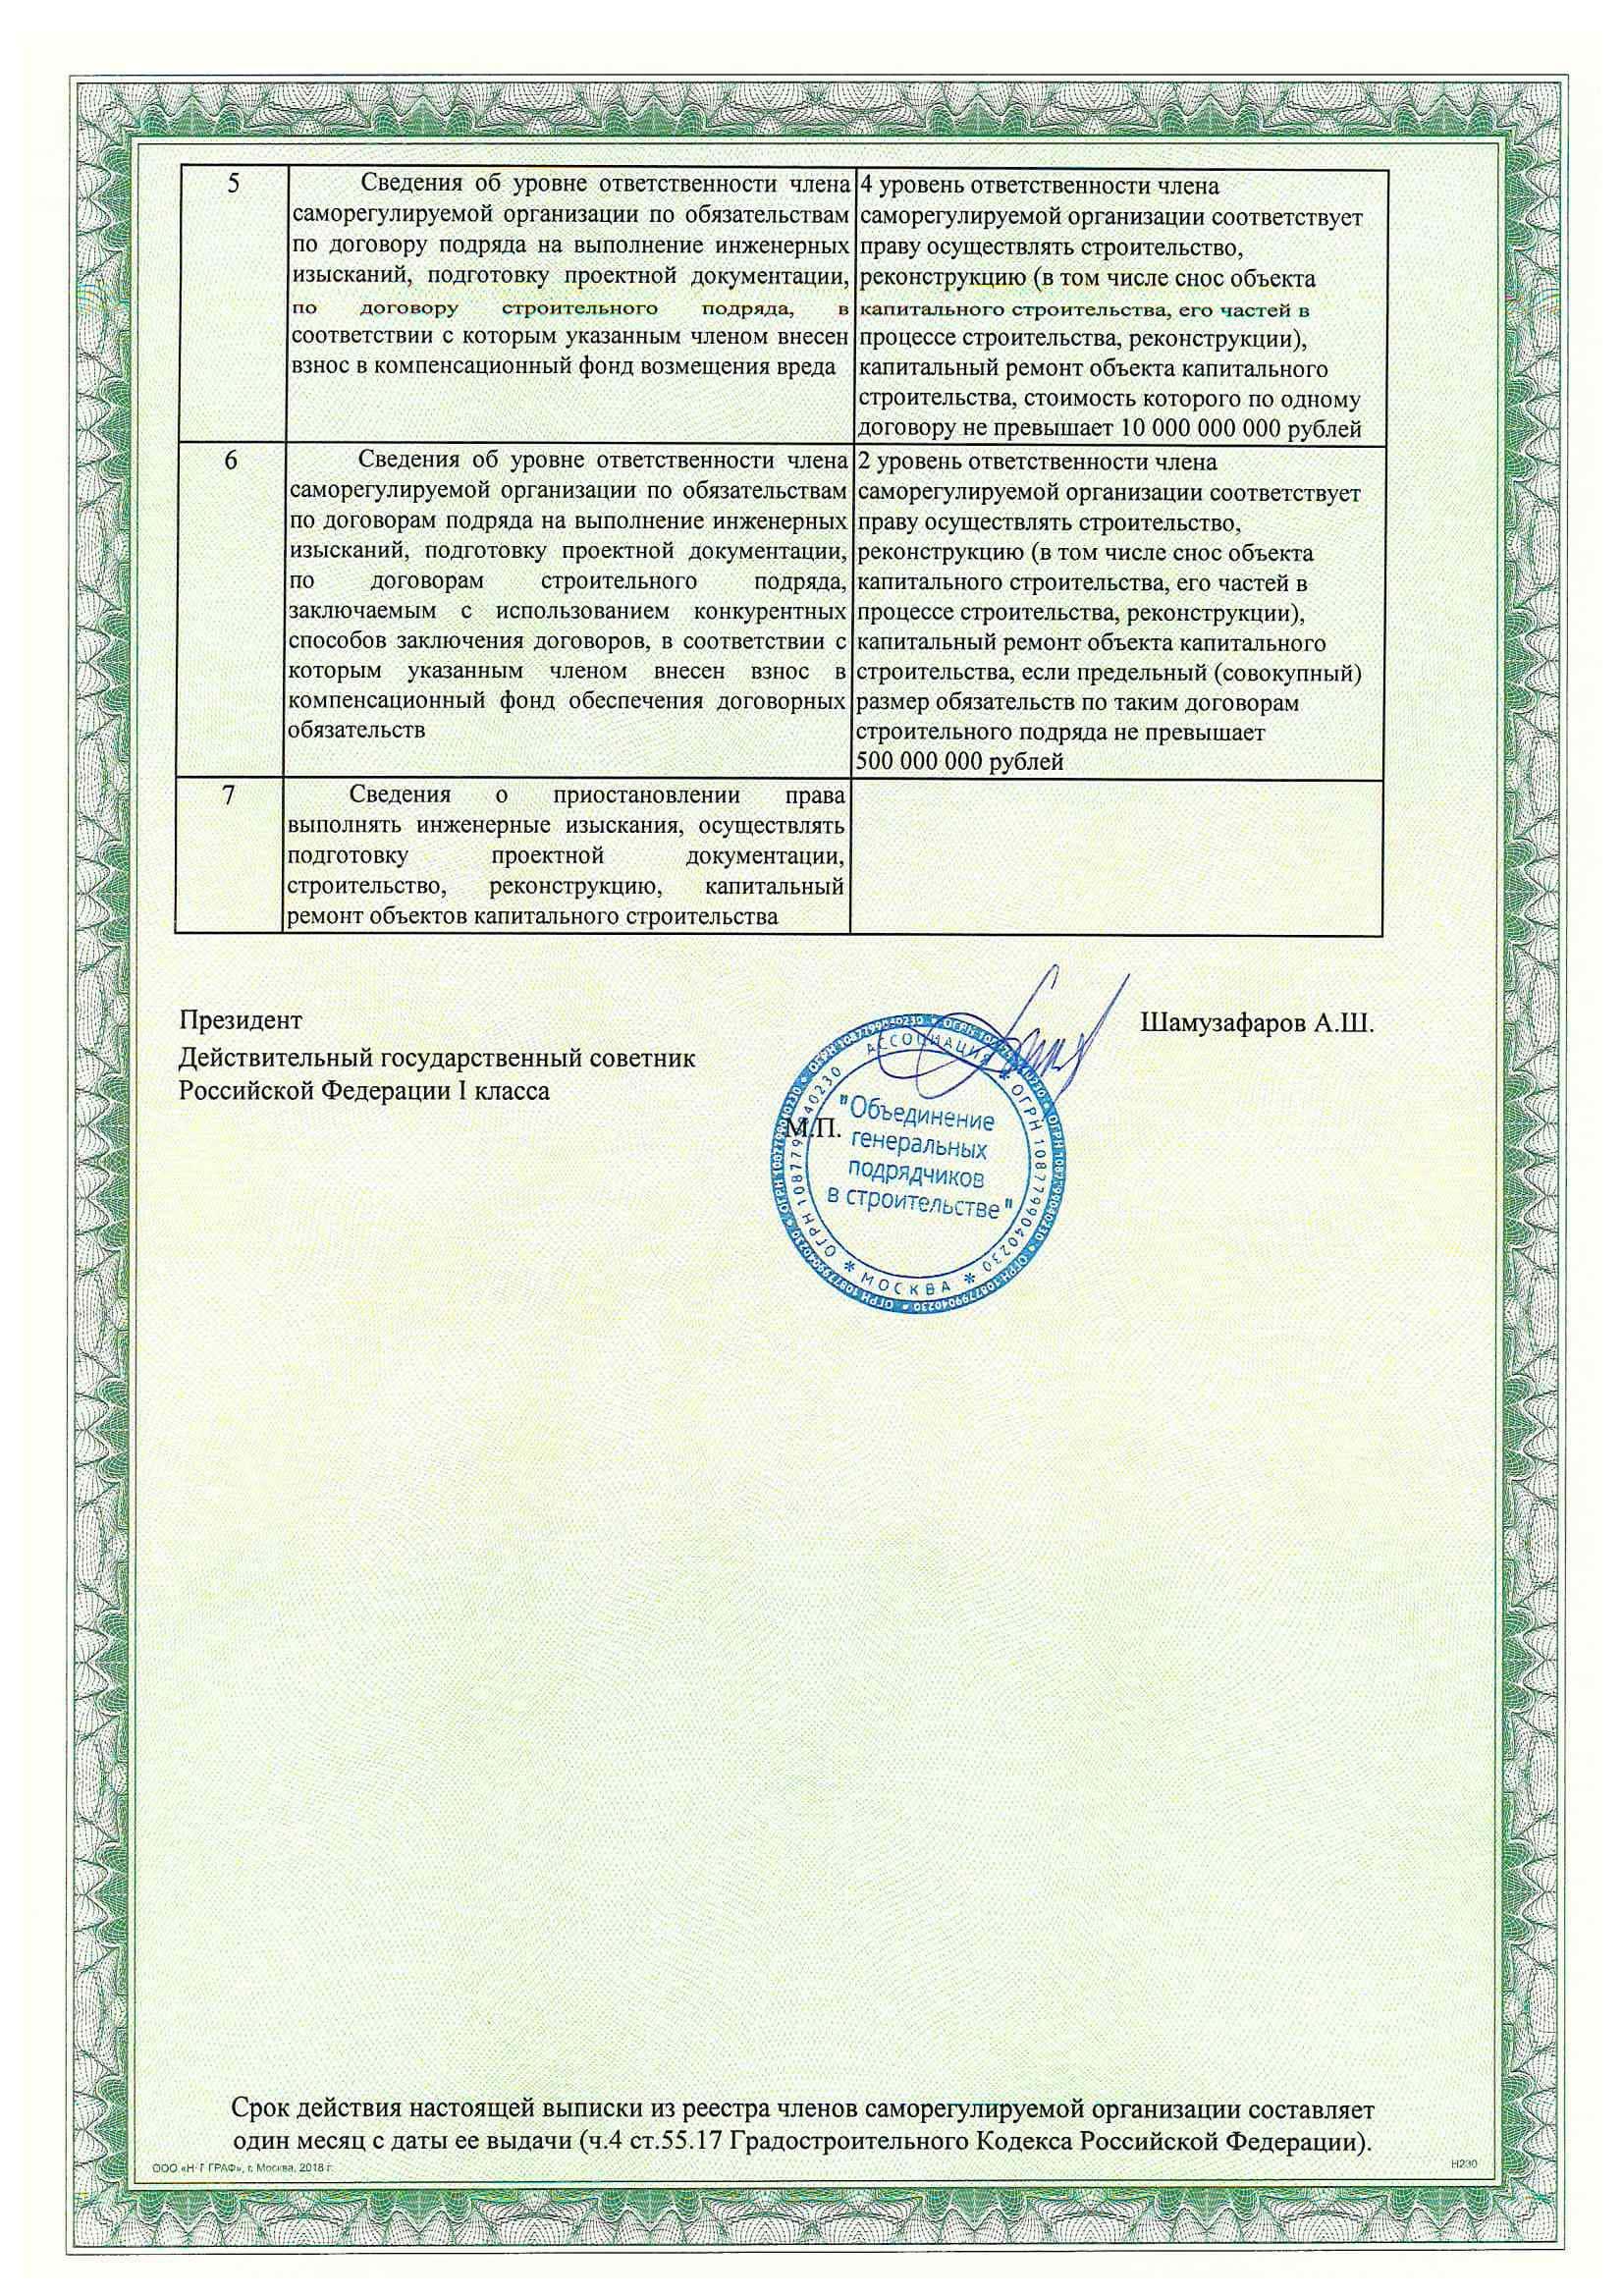 Certificate 5b